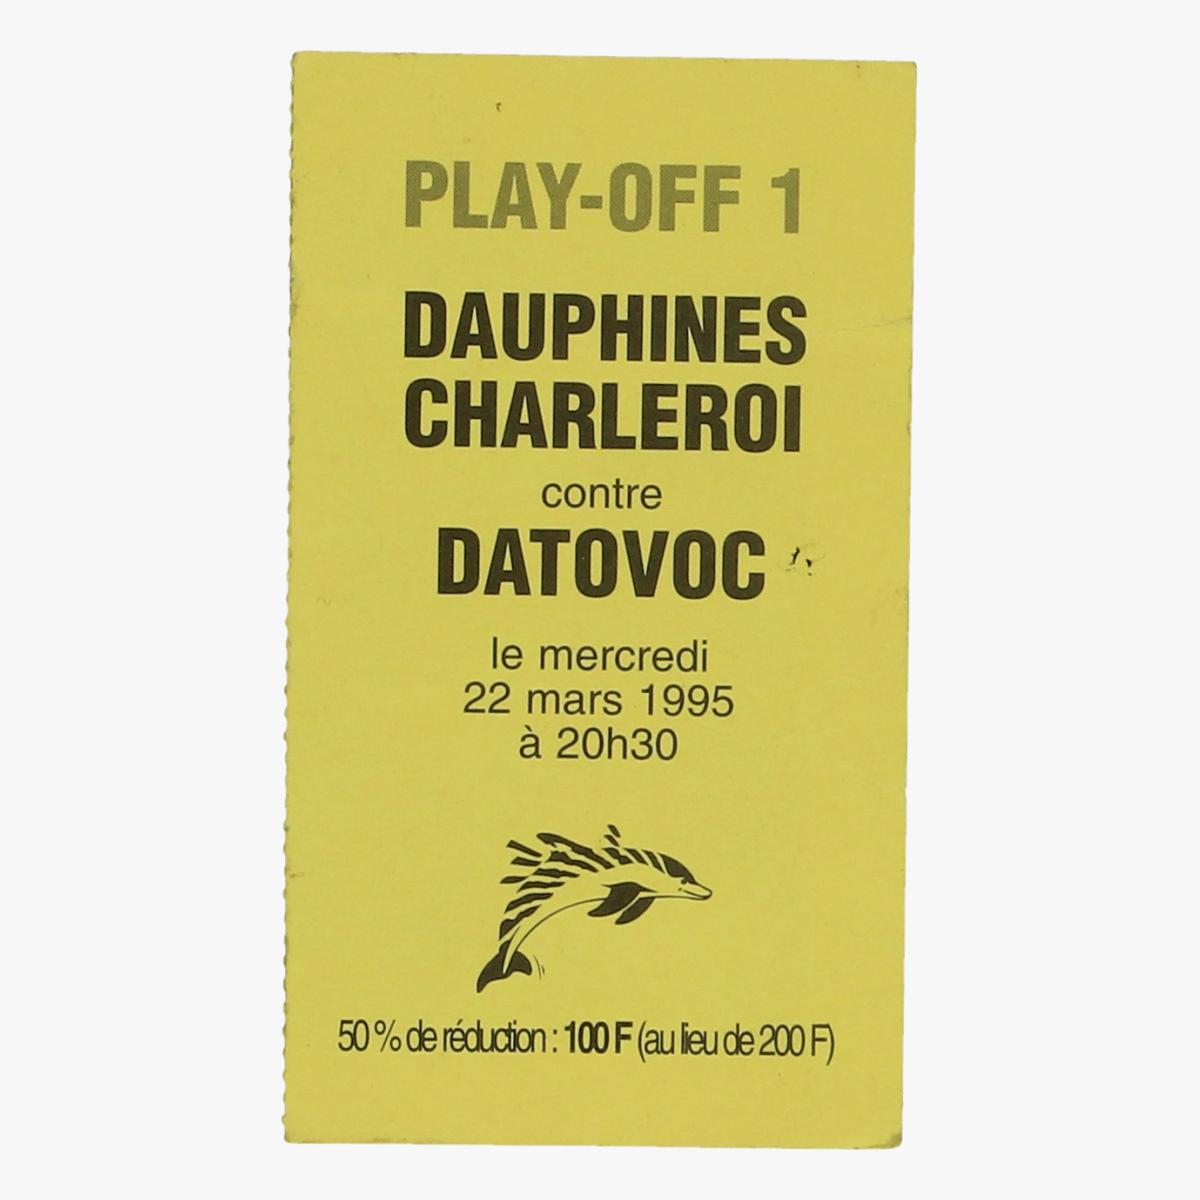 Afbeeldingen van dauphines Charleroi play off 1 22/03/1995